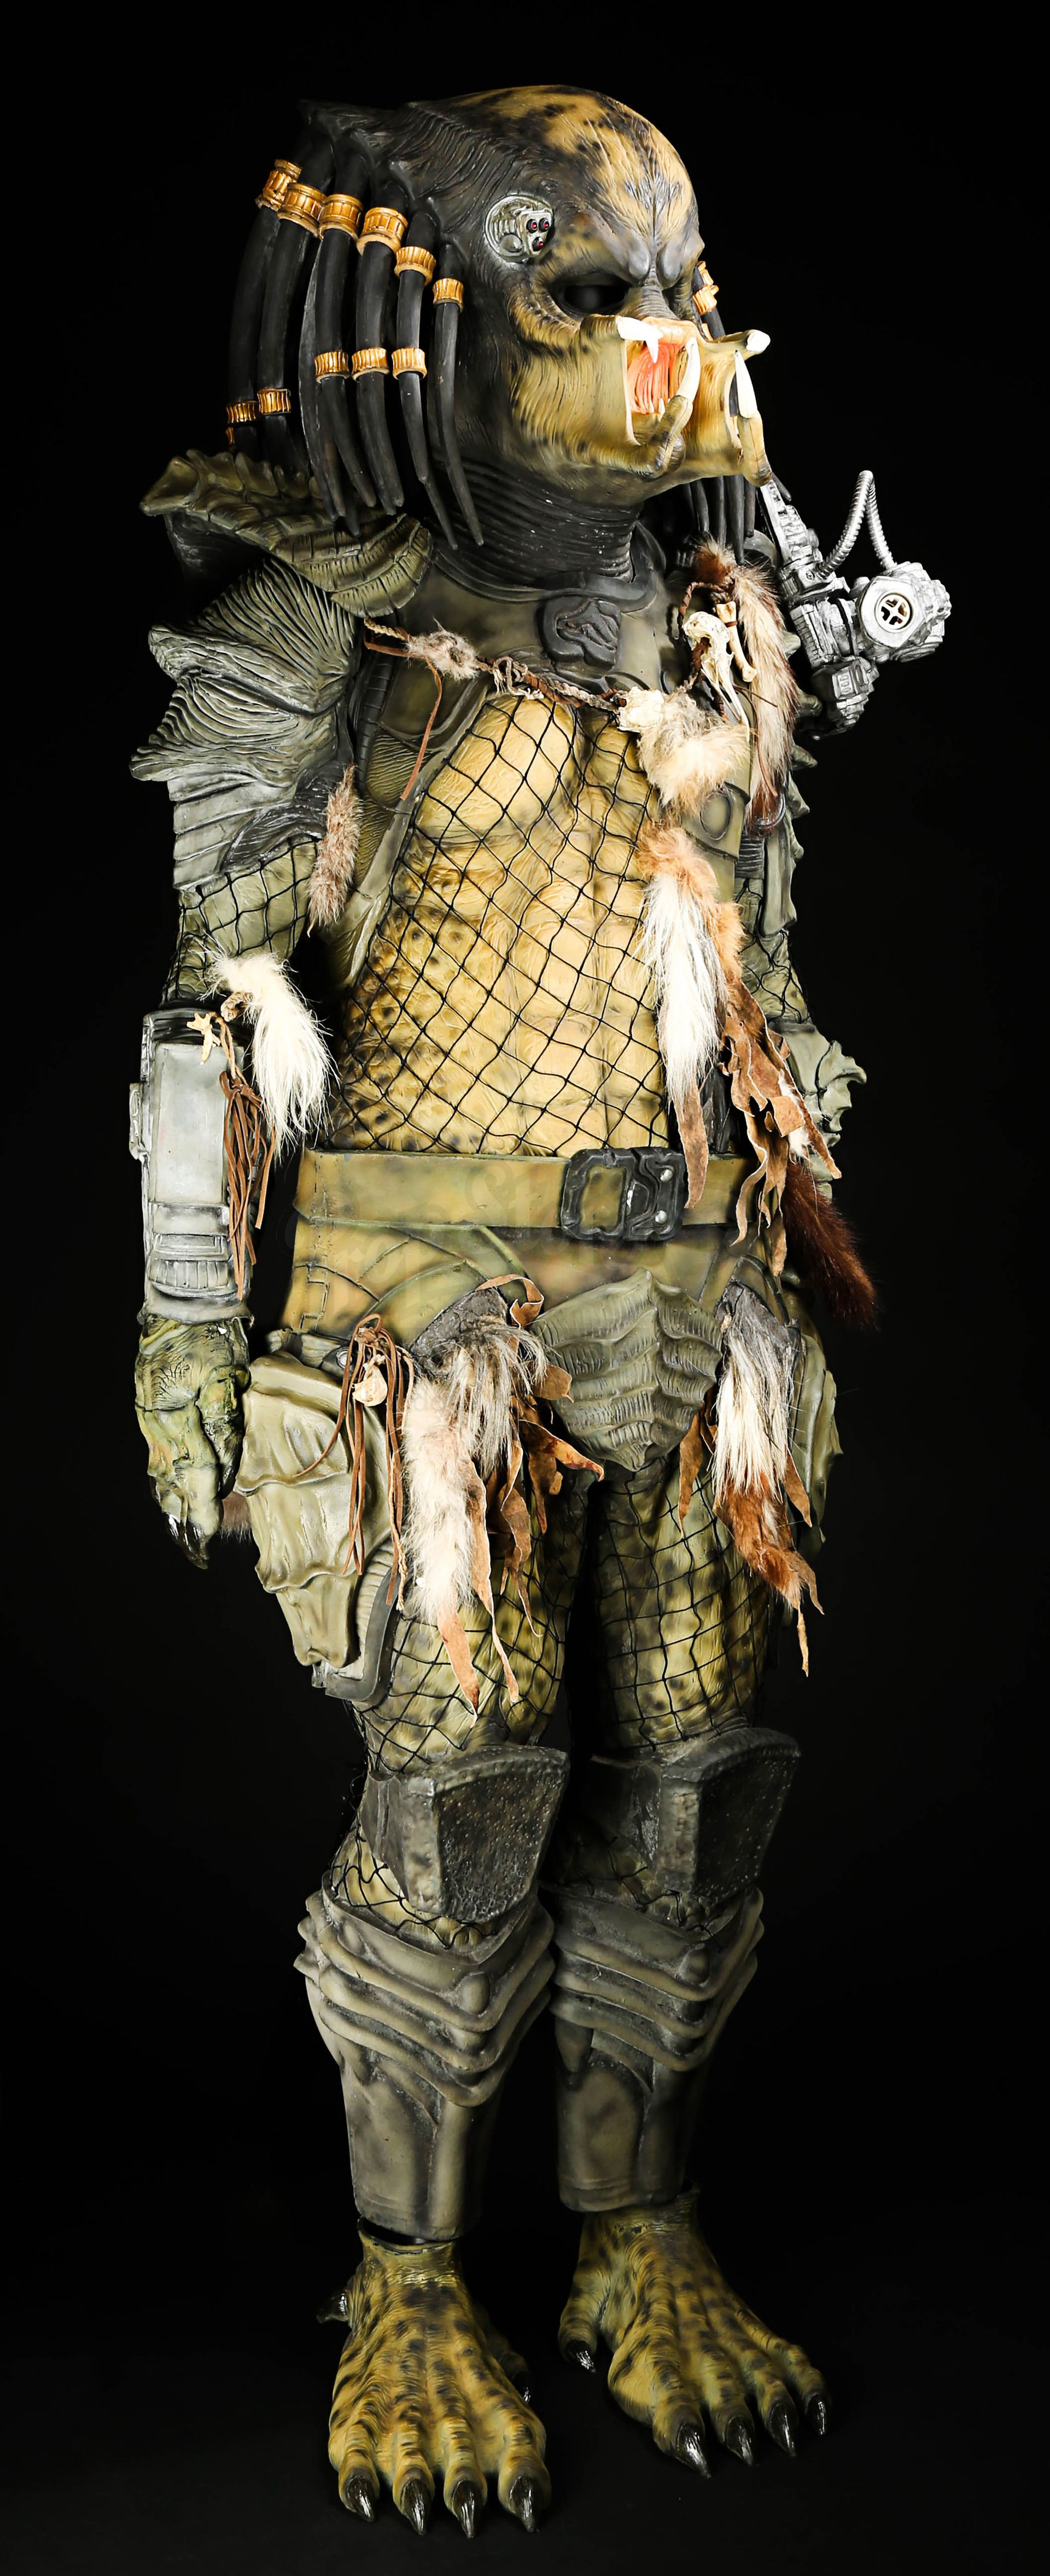 Predator Costume Halloween FeaturedItem Prop